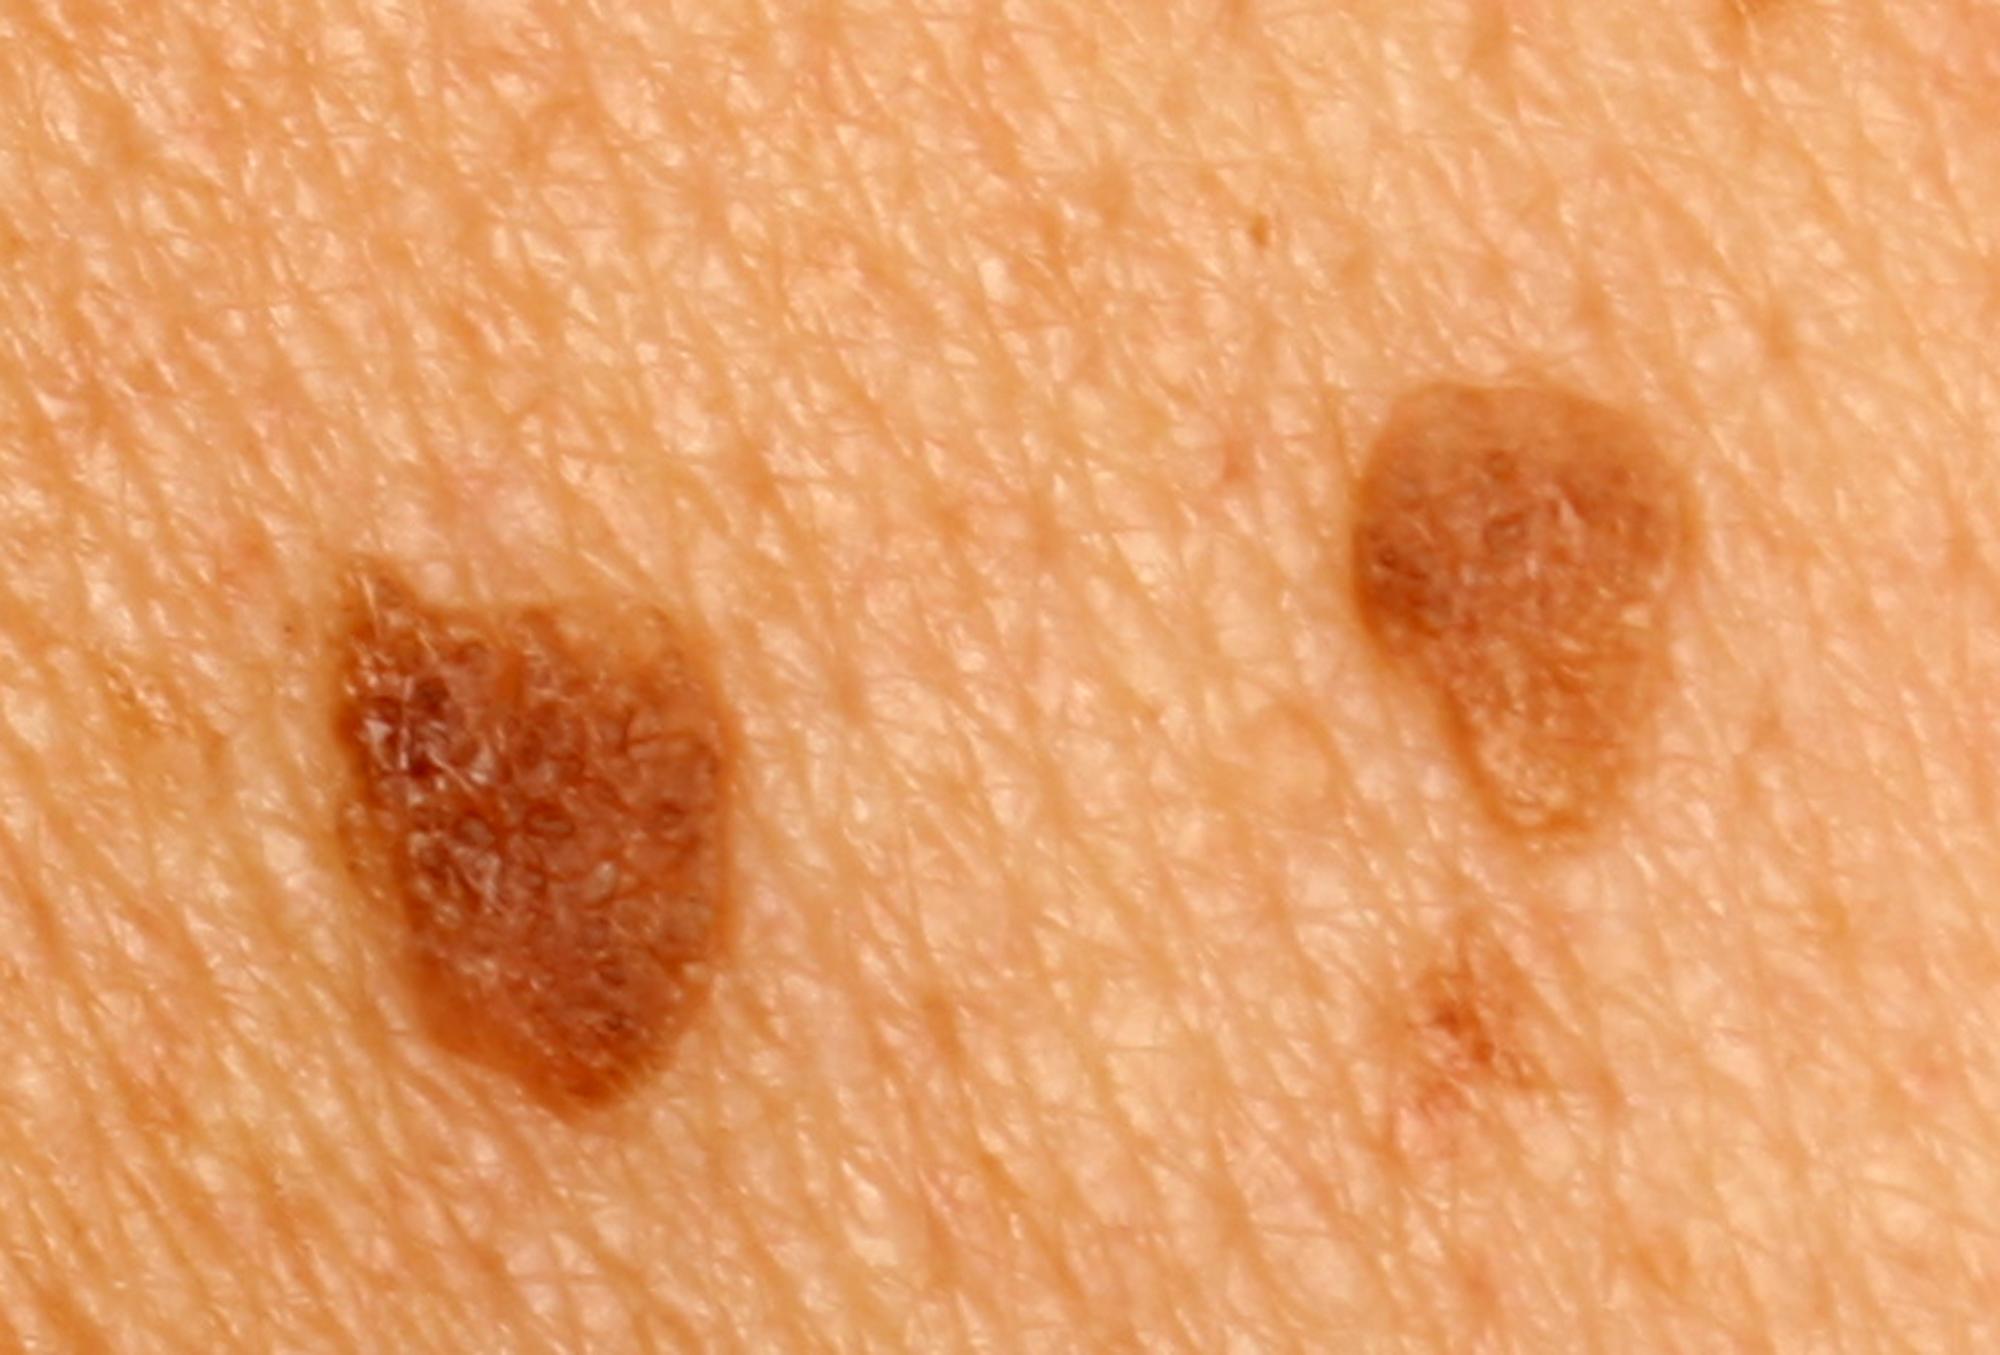 Tratament laser pentru îndepărtare papiloame, veruci seboreice și leziuni benigne ale pielii